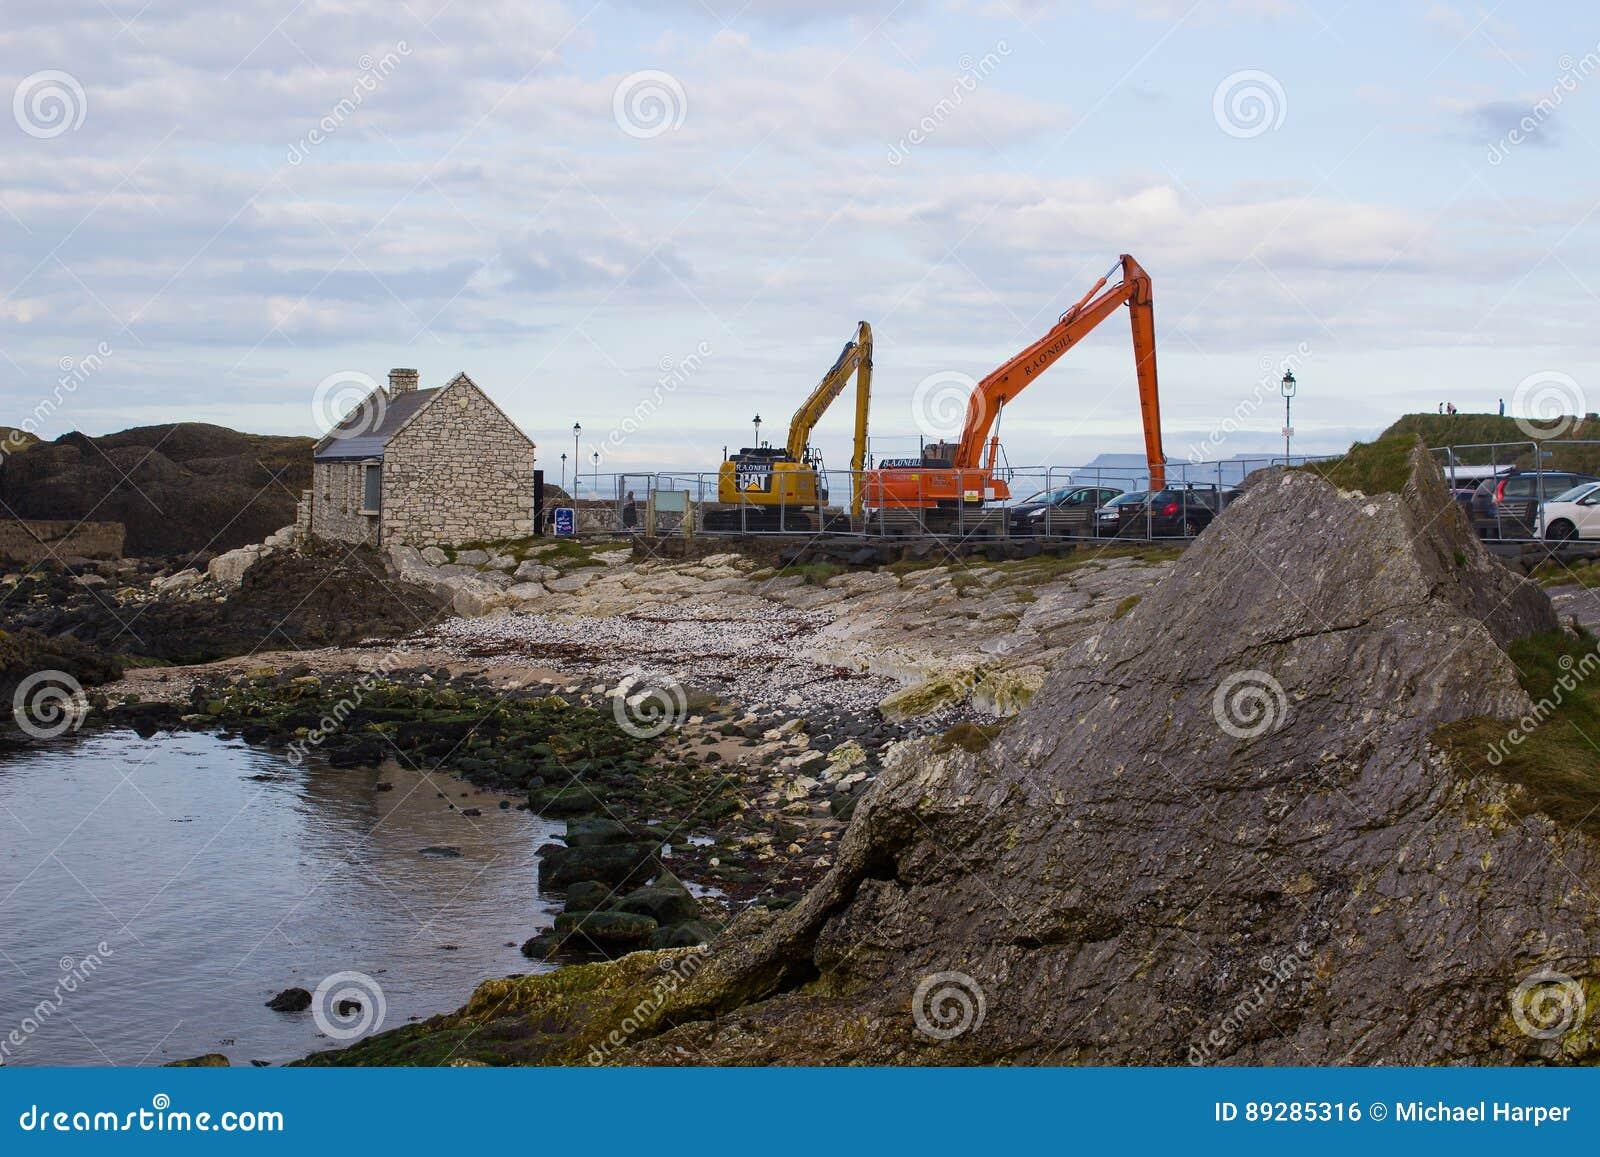 Un par de grúas usadas para dragar el pequeño puerto en Ballintoy en la costa del norte de Antrim de Irlanda del Norte en un día